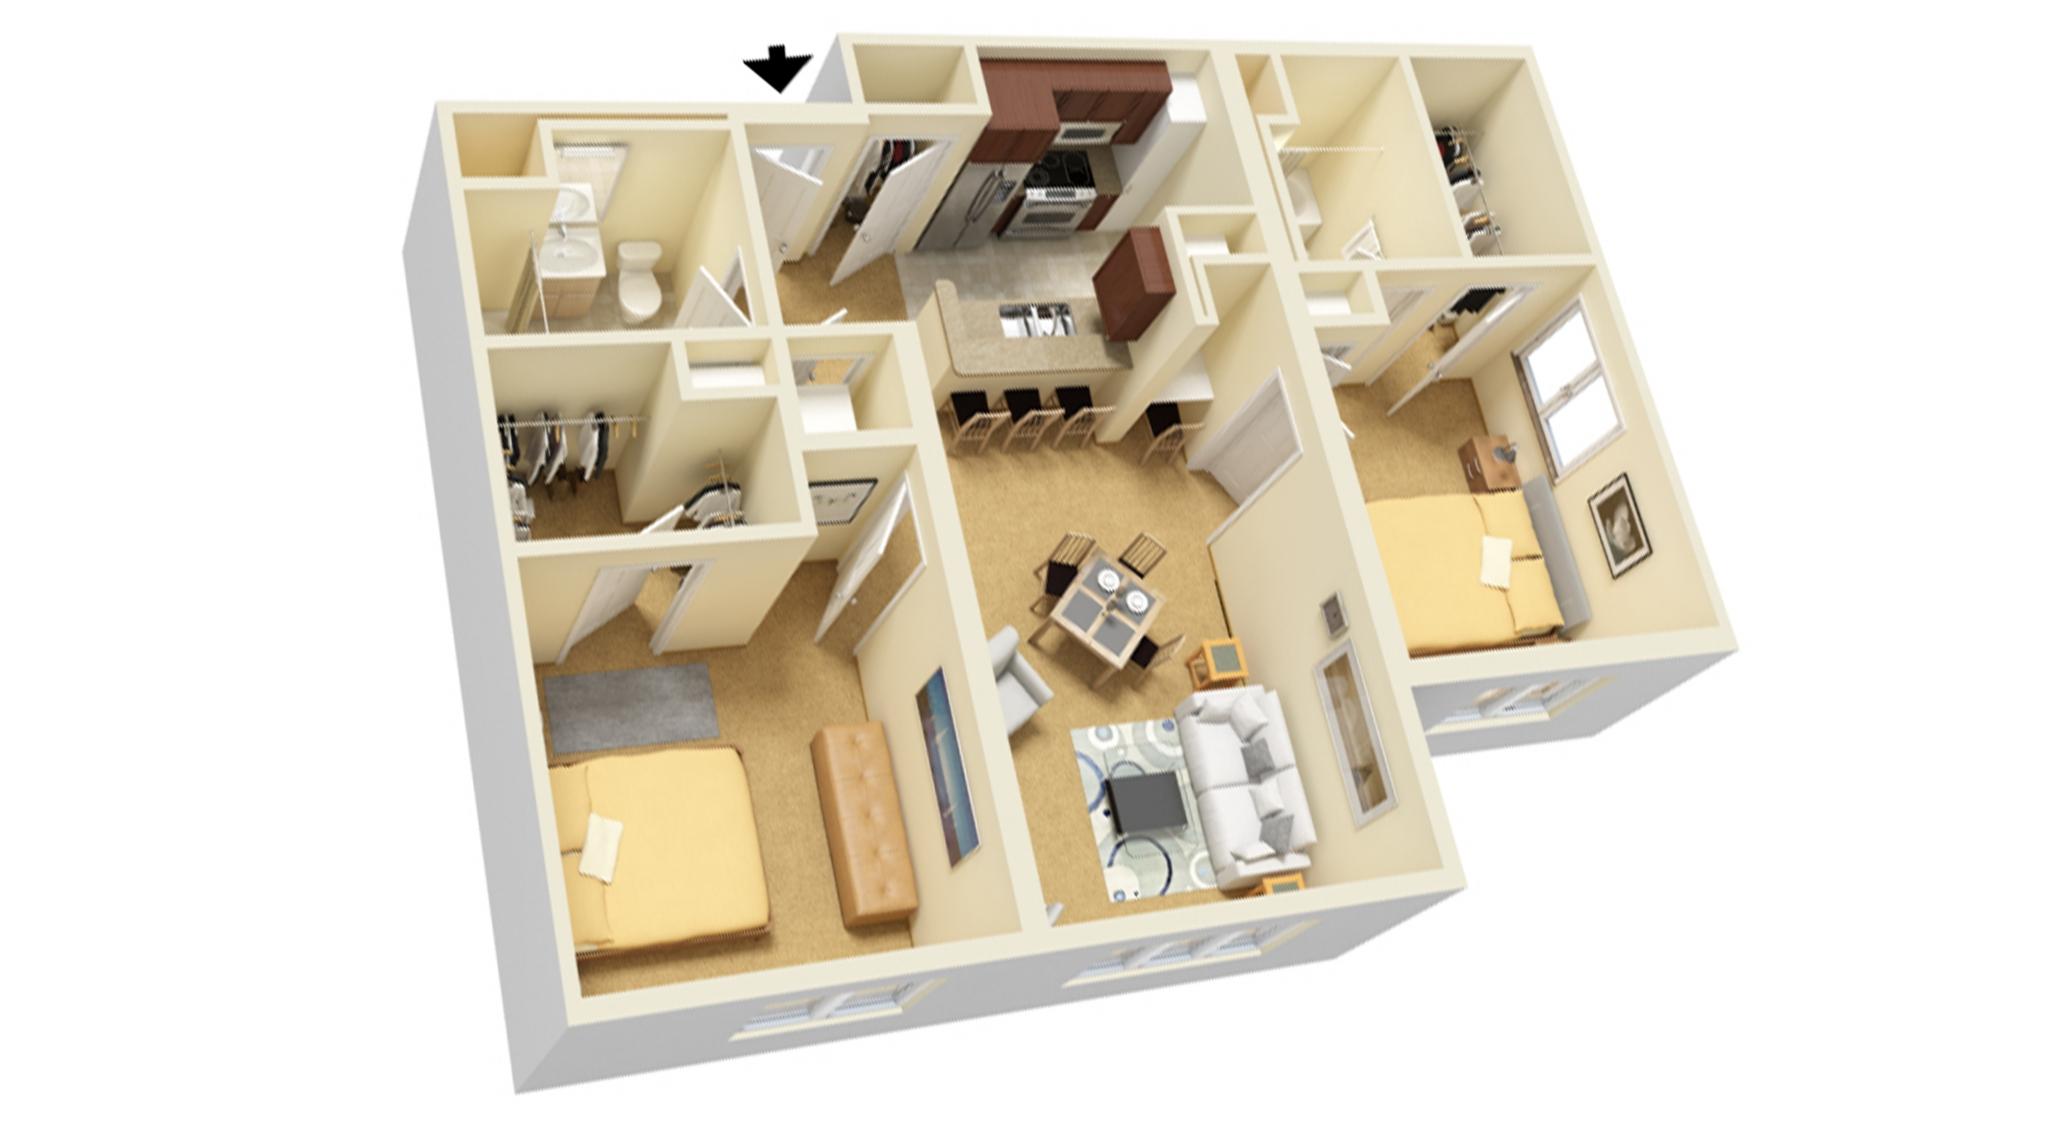 2 Bedroom B floor plan